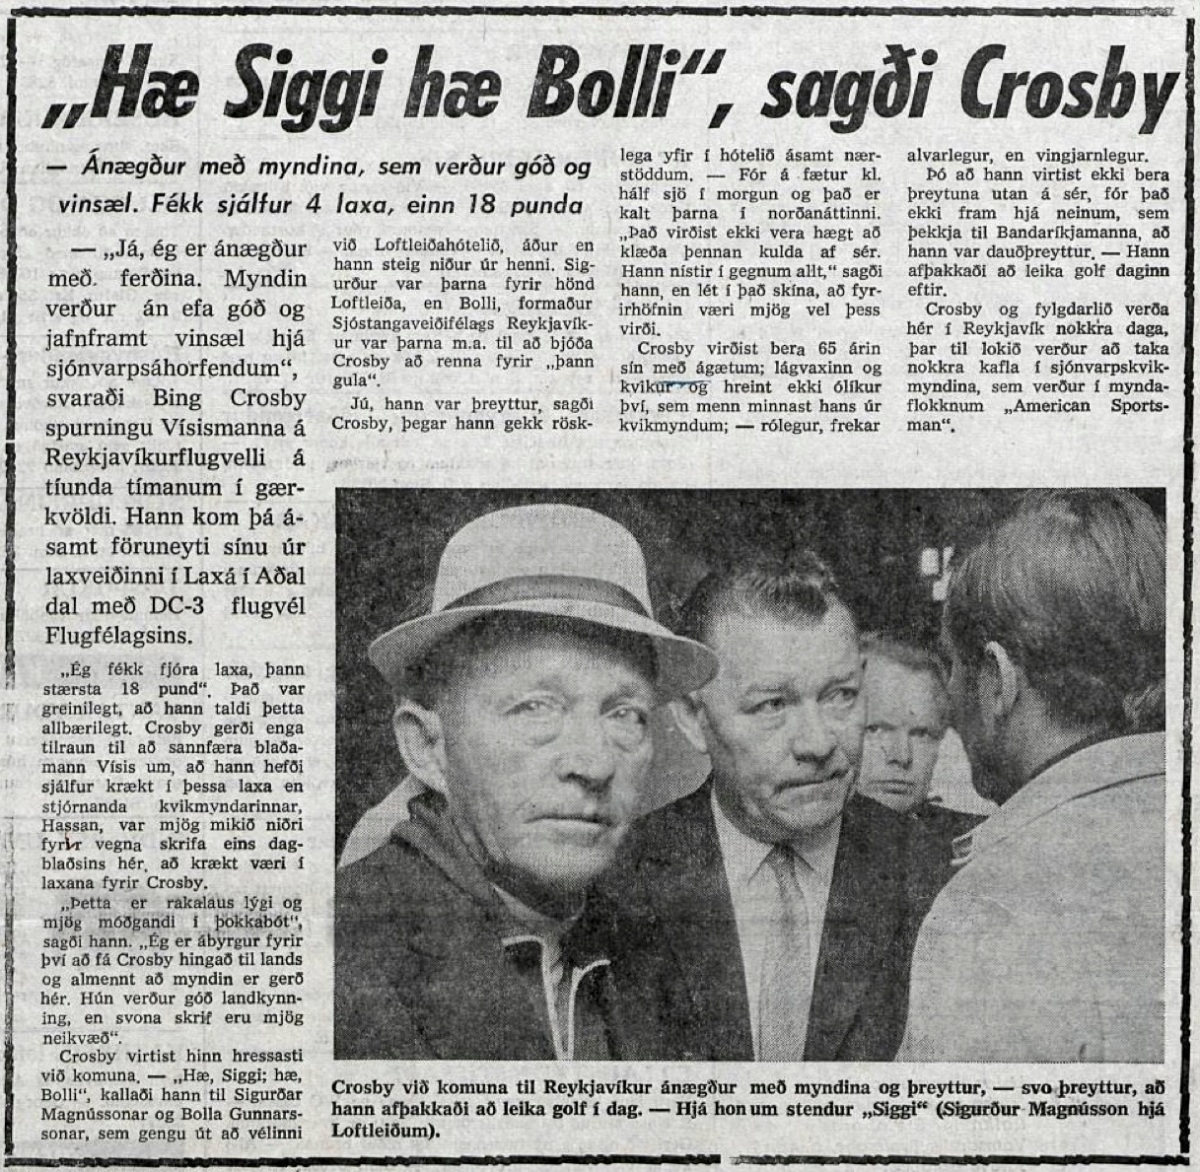 Bing Crosby Icelandic media article from Visir 23rd July 1969.